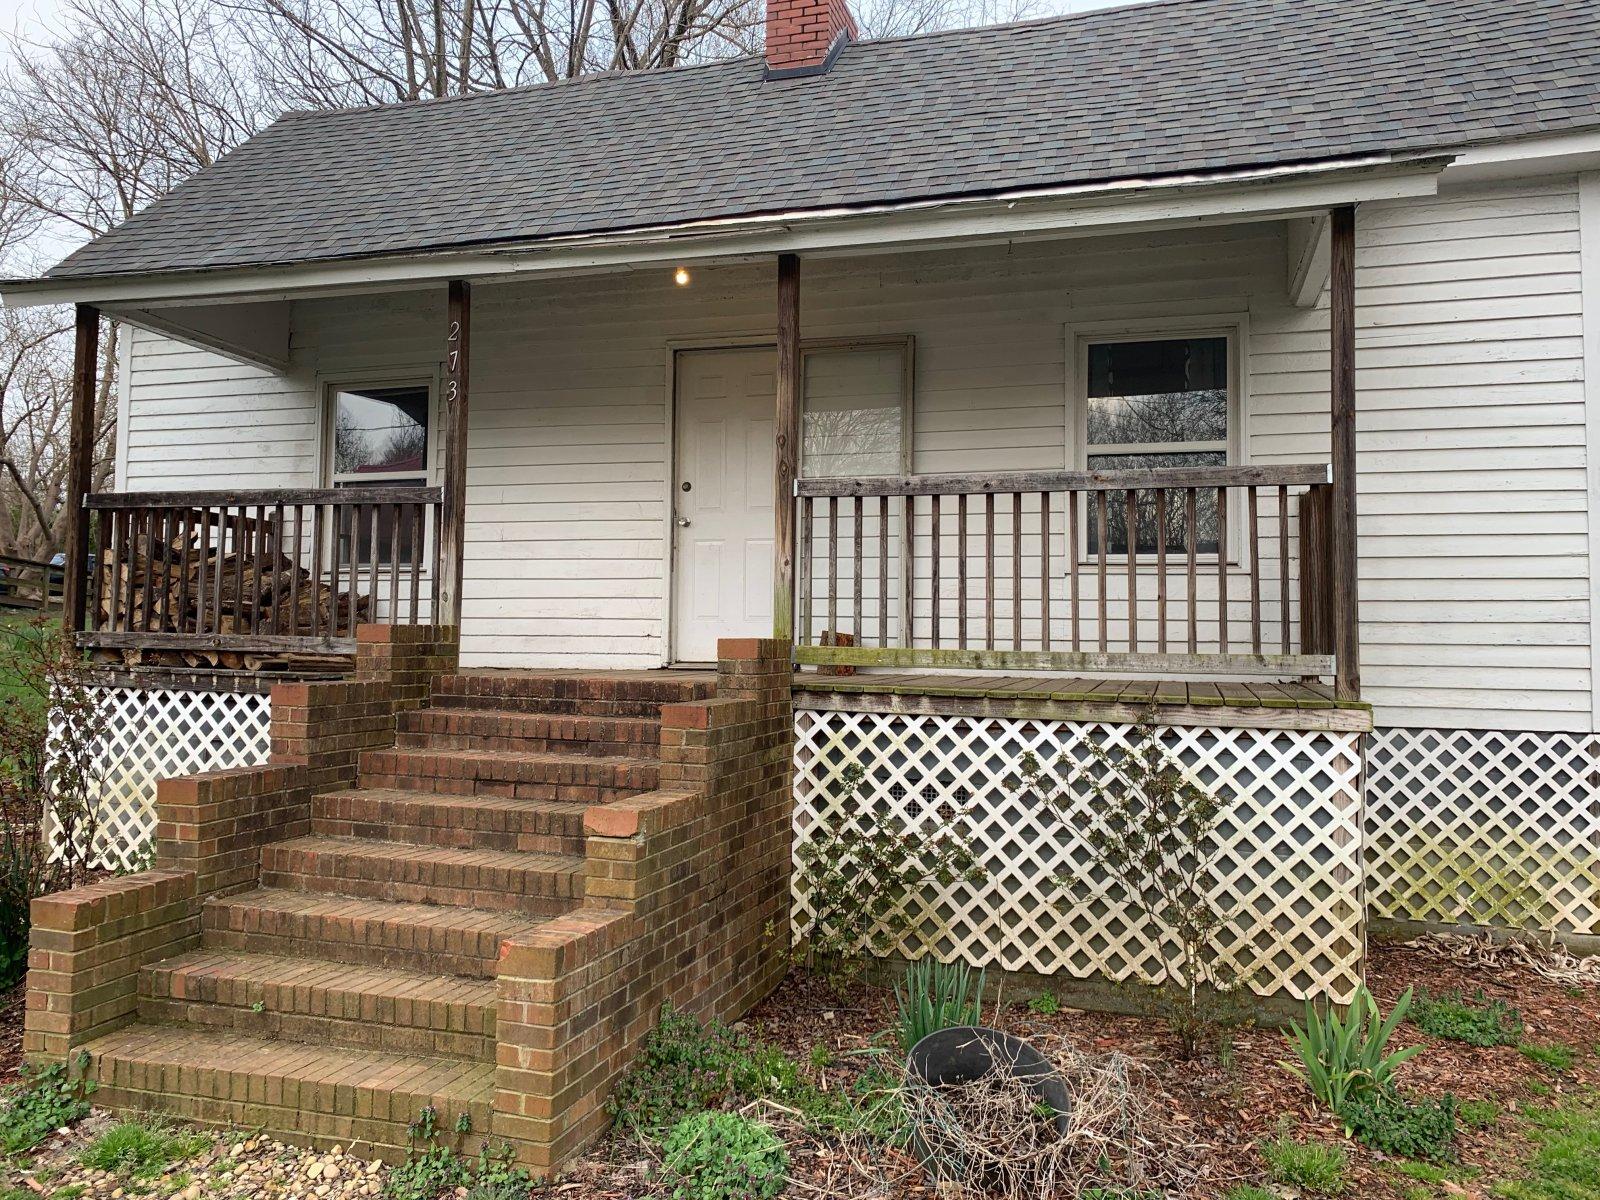 273 Duke St, Cooleemee, NC